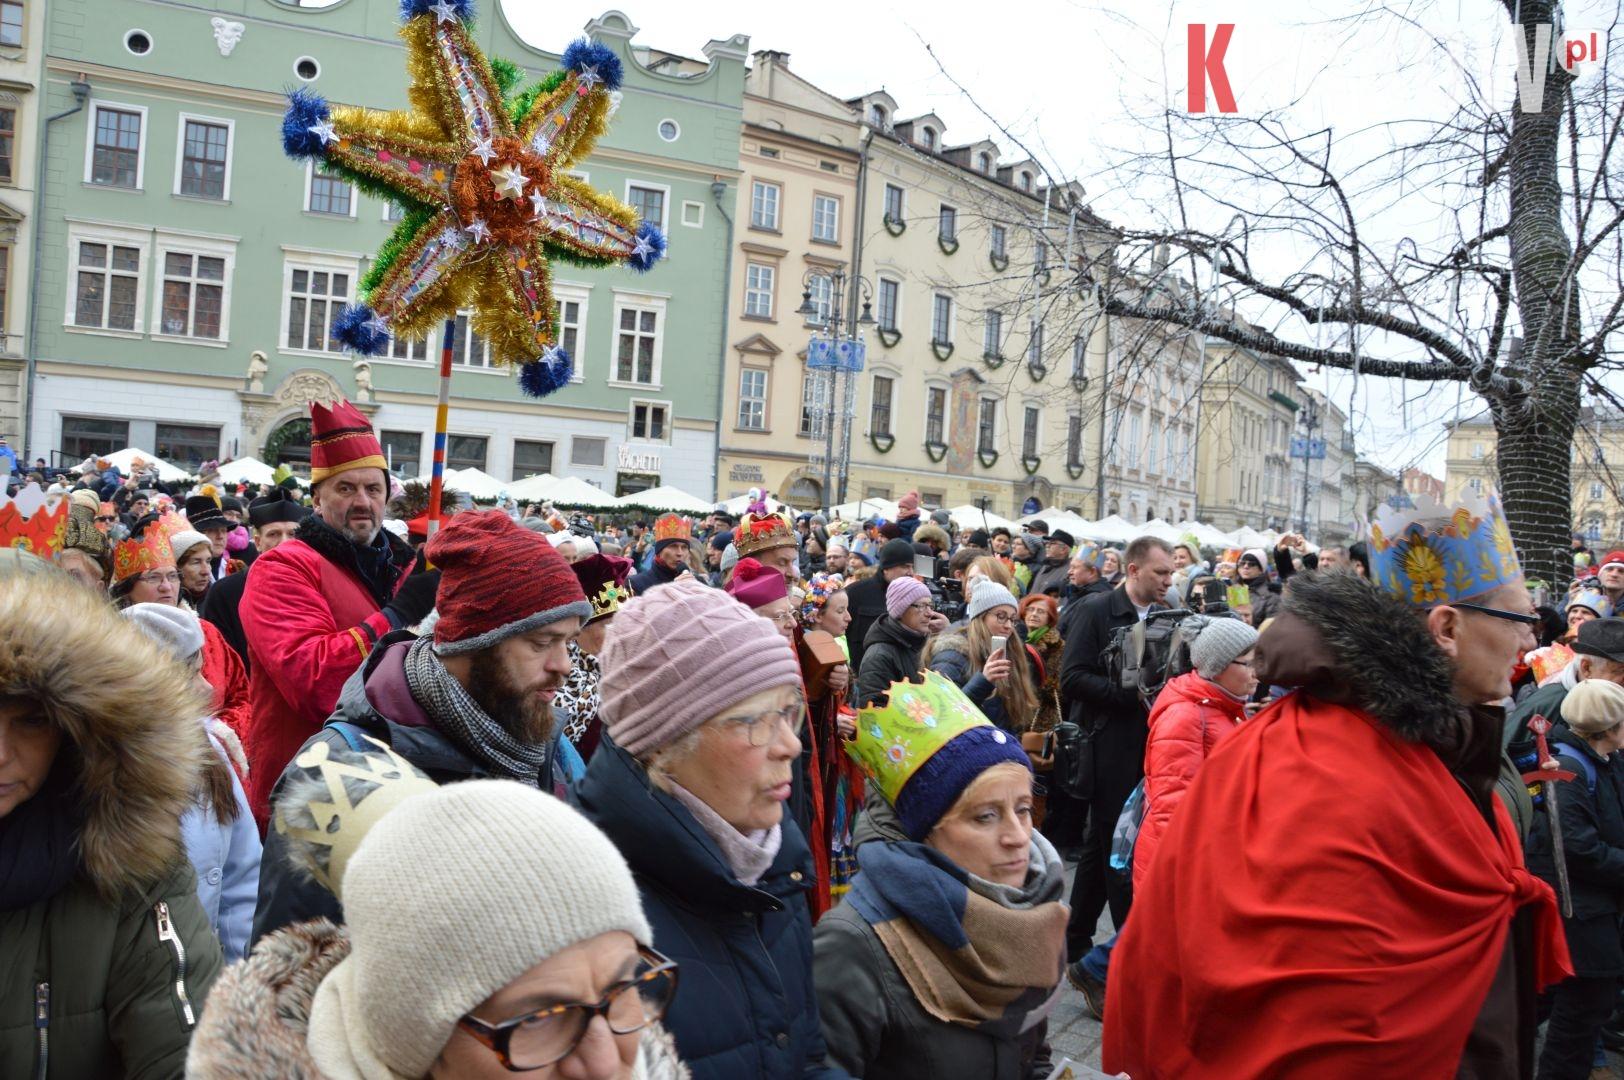 orszak 43 1 150x150 - Orszak Trzech Króli Kraków 2020 Galeria Zdjęć z Orszaku (czerwonego)